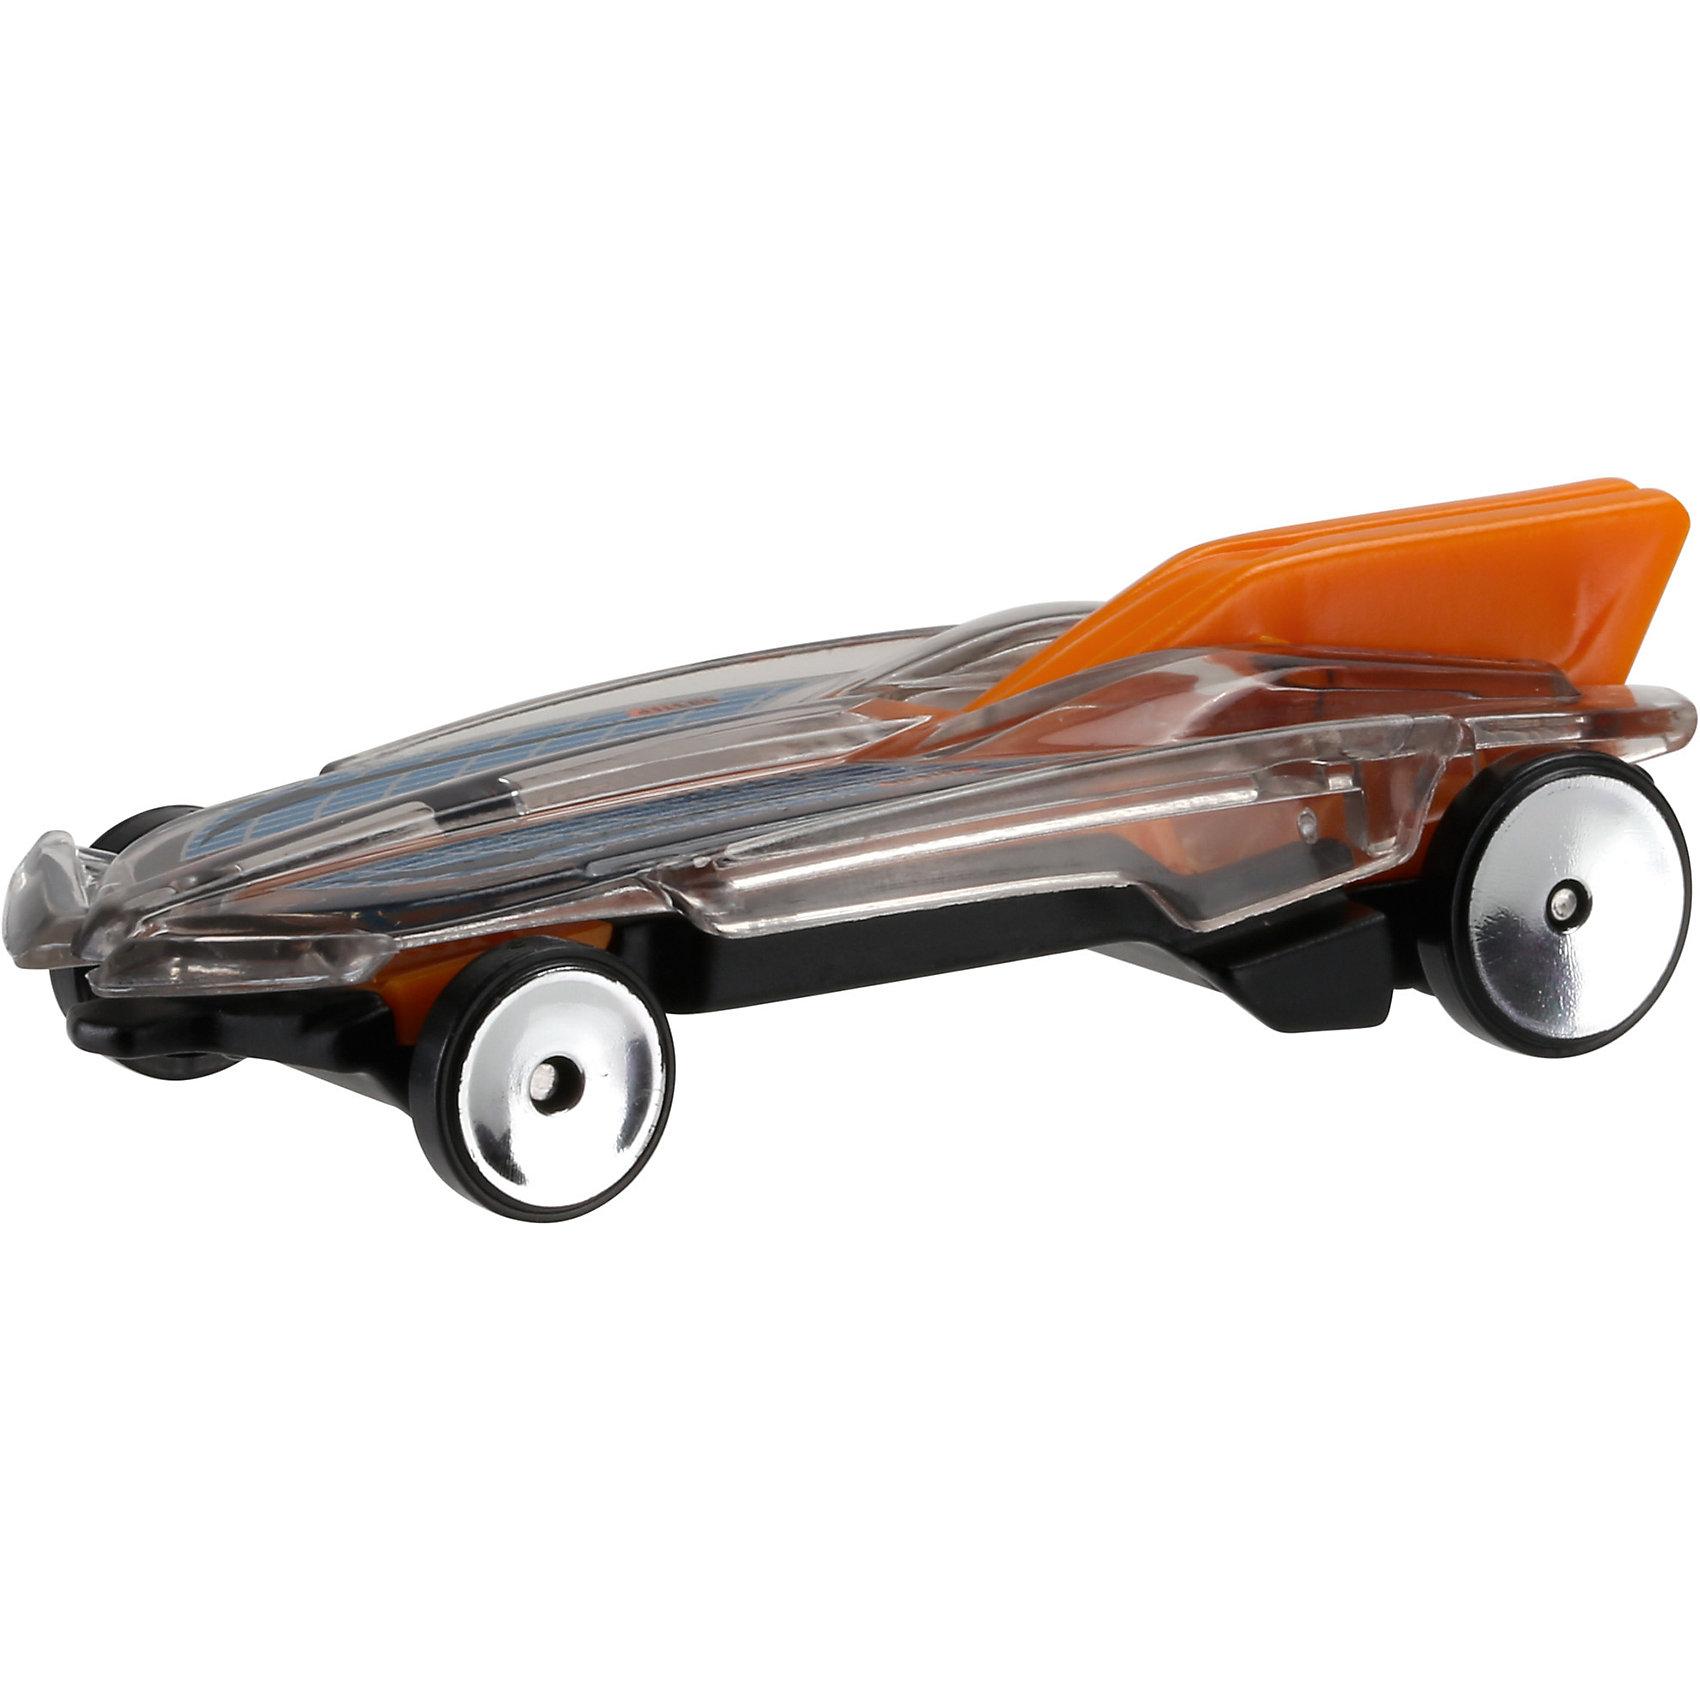 Mattel Машинка Hot Wheels из базовой коллекции mattel ever after high dvj20 отважные принцессы холли о хэир